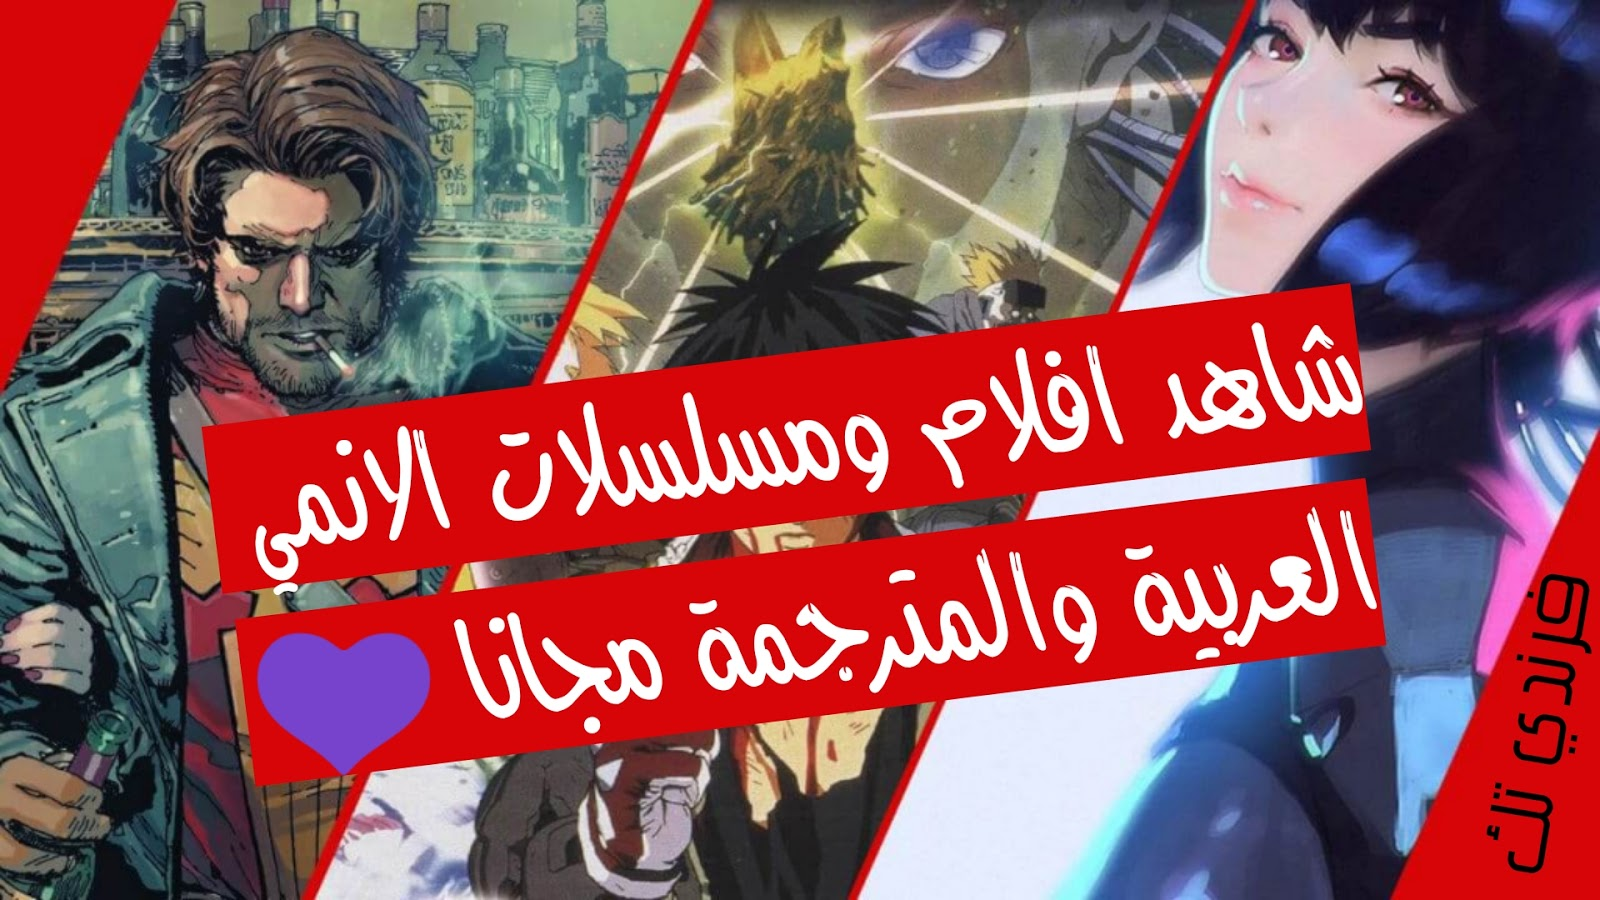 افضل مواقع الانمي العربية لمشاهدة و تحميل الانمي المترجم اون لاين